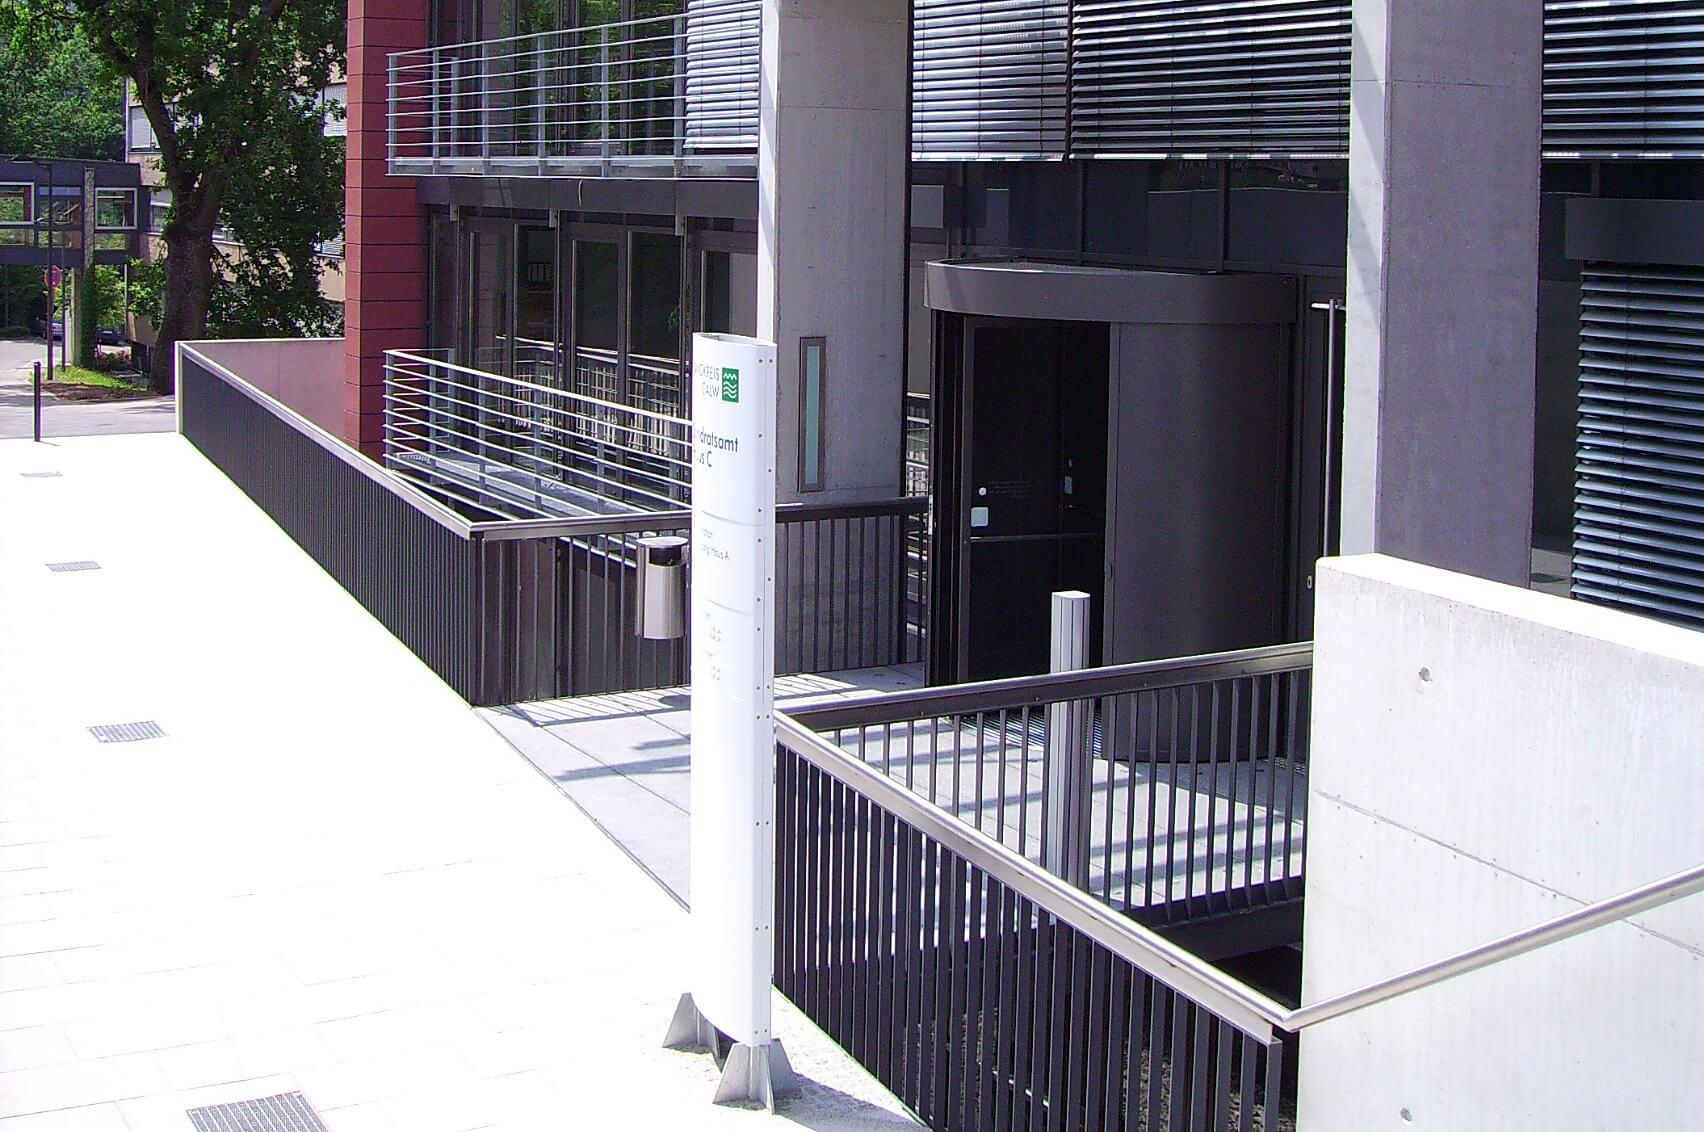 Landratsamt Haus C